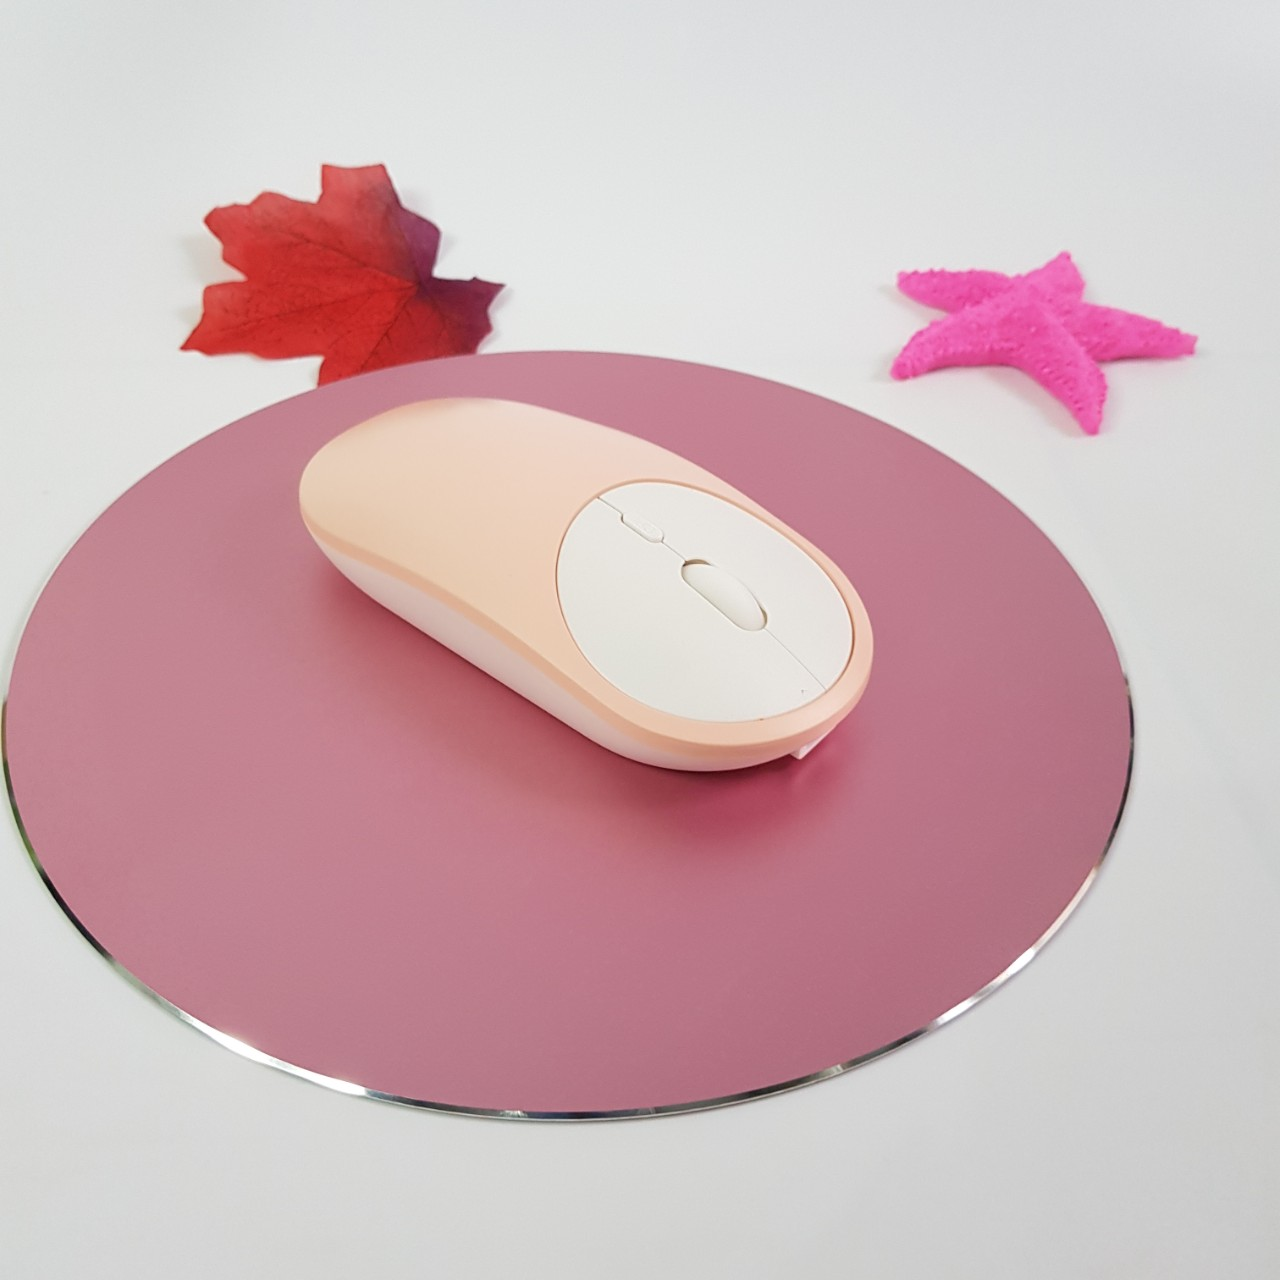 Bộ chuột và miếng lót chuột không dây kết nối cả 2 Bluetooth và USB